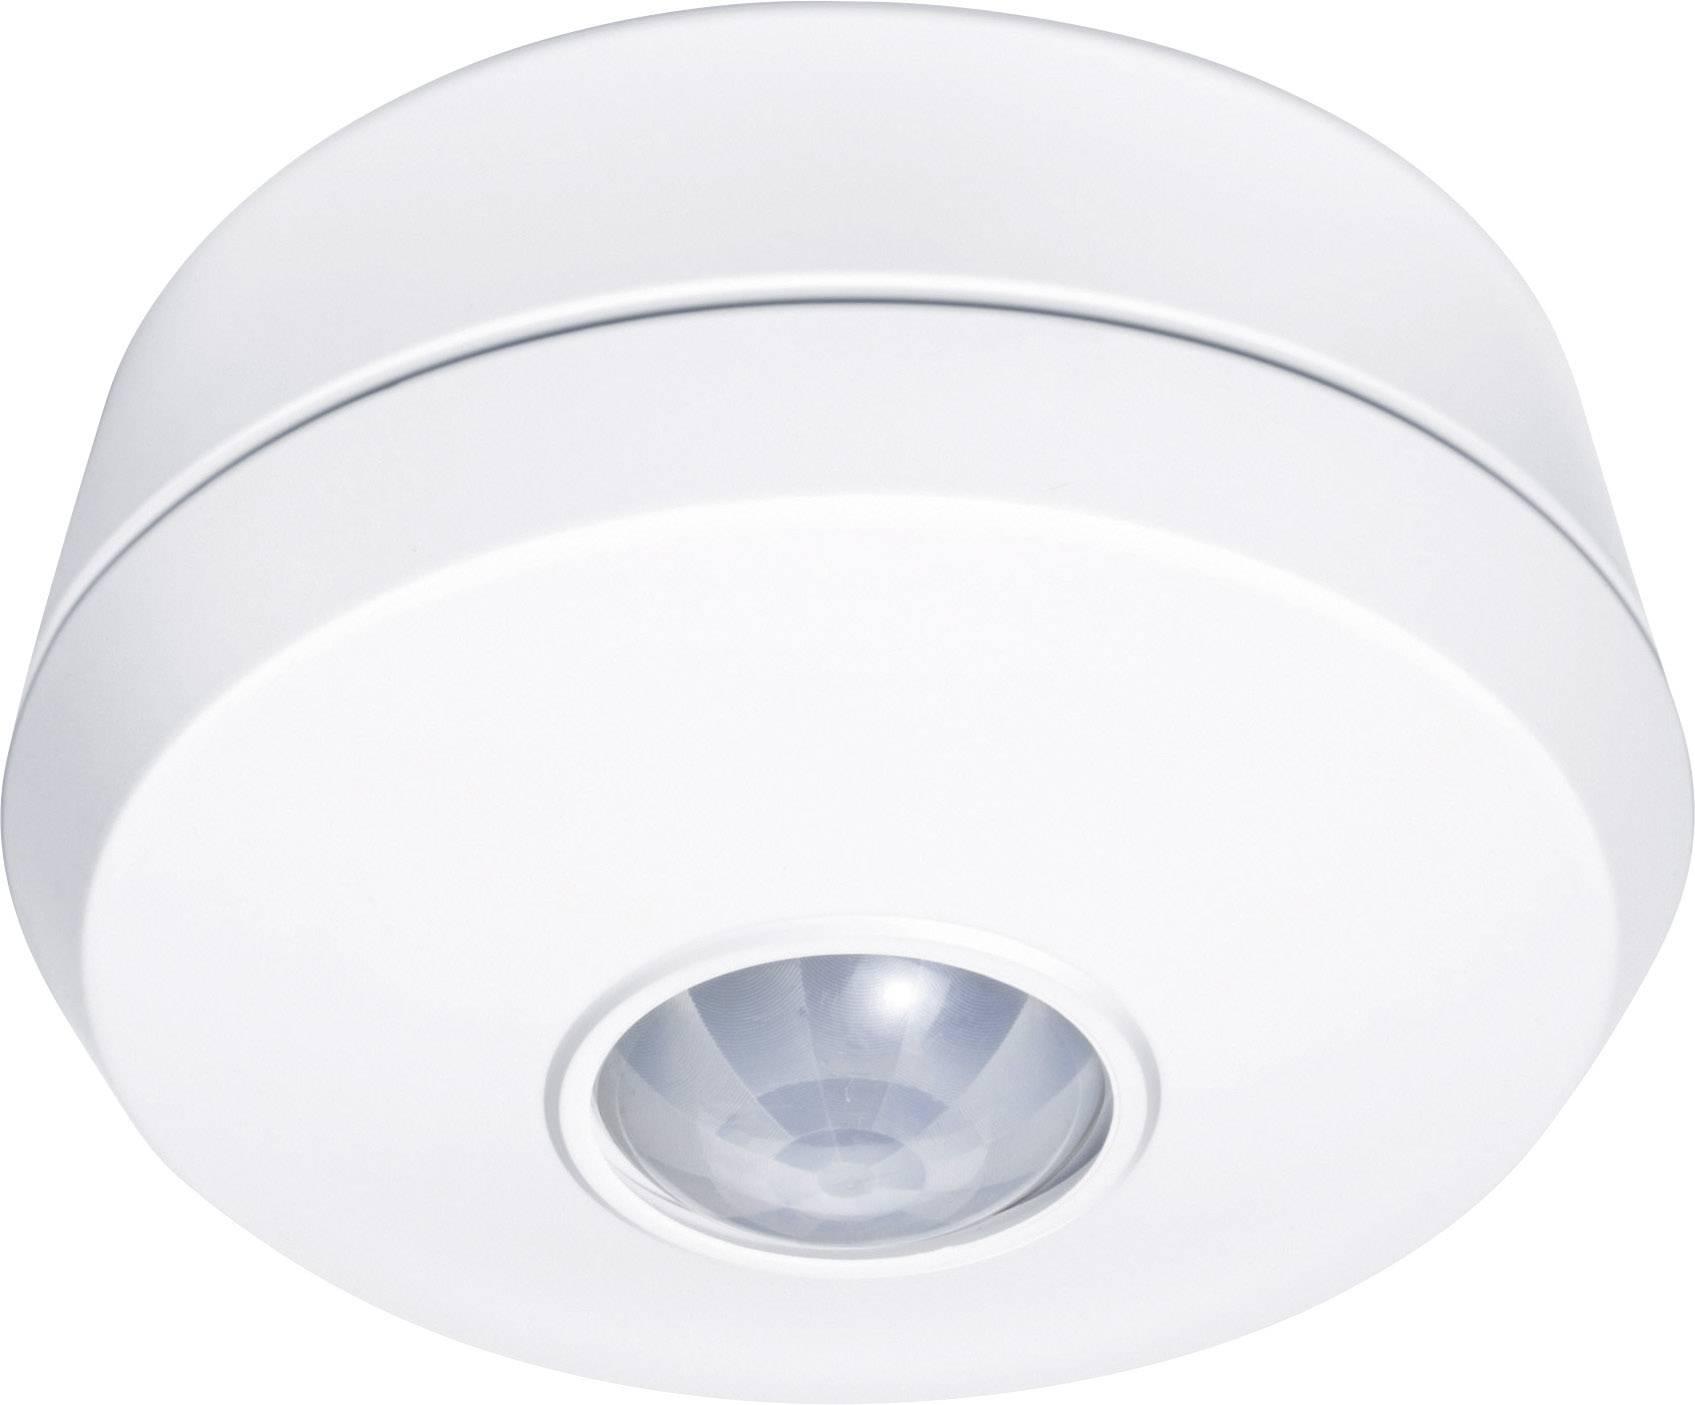 Detektor pohybu PIR GEV 018709 na omítku či strop, vestavný, 360°, relé, bílá, IP20